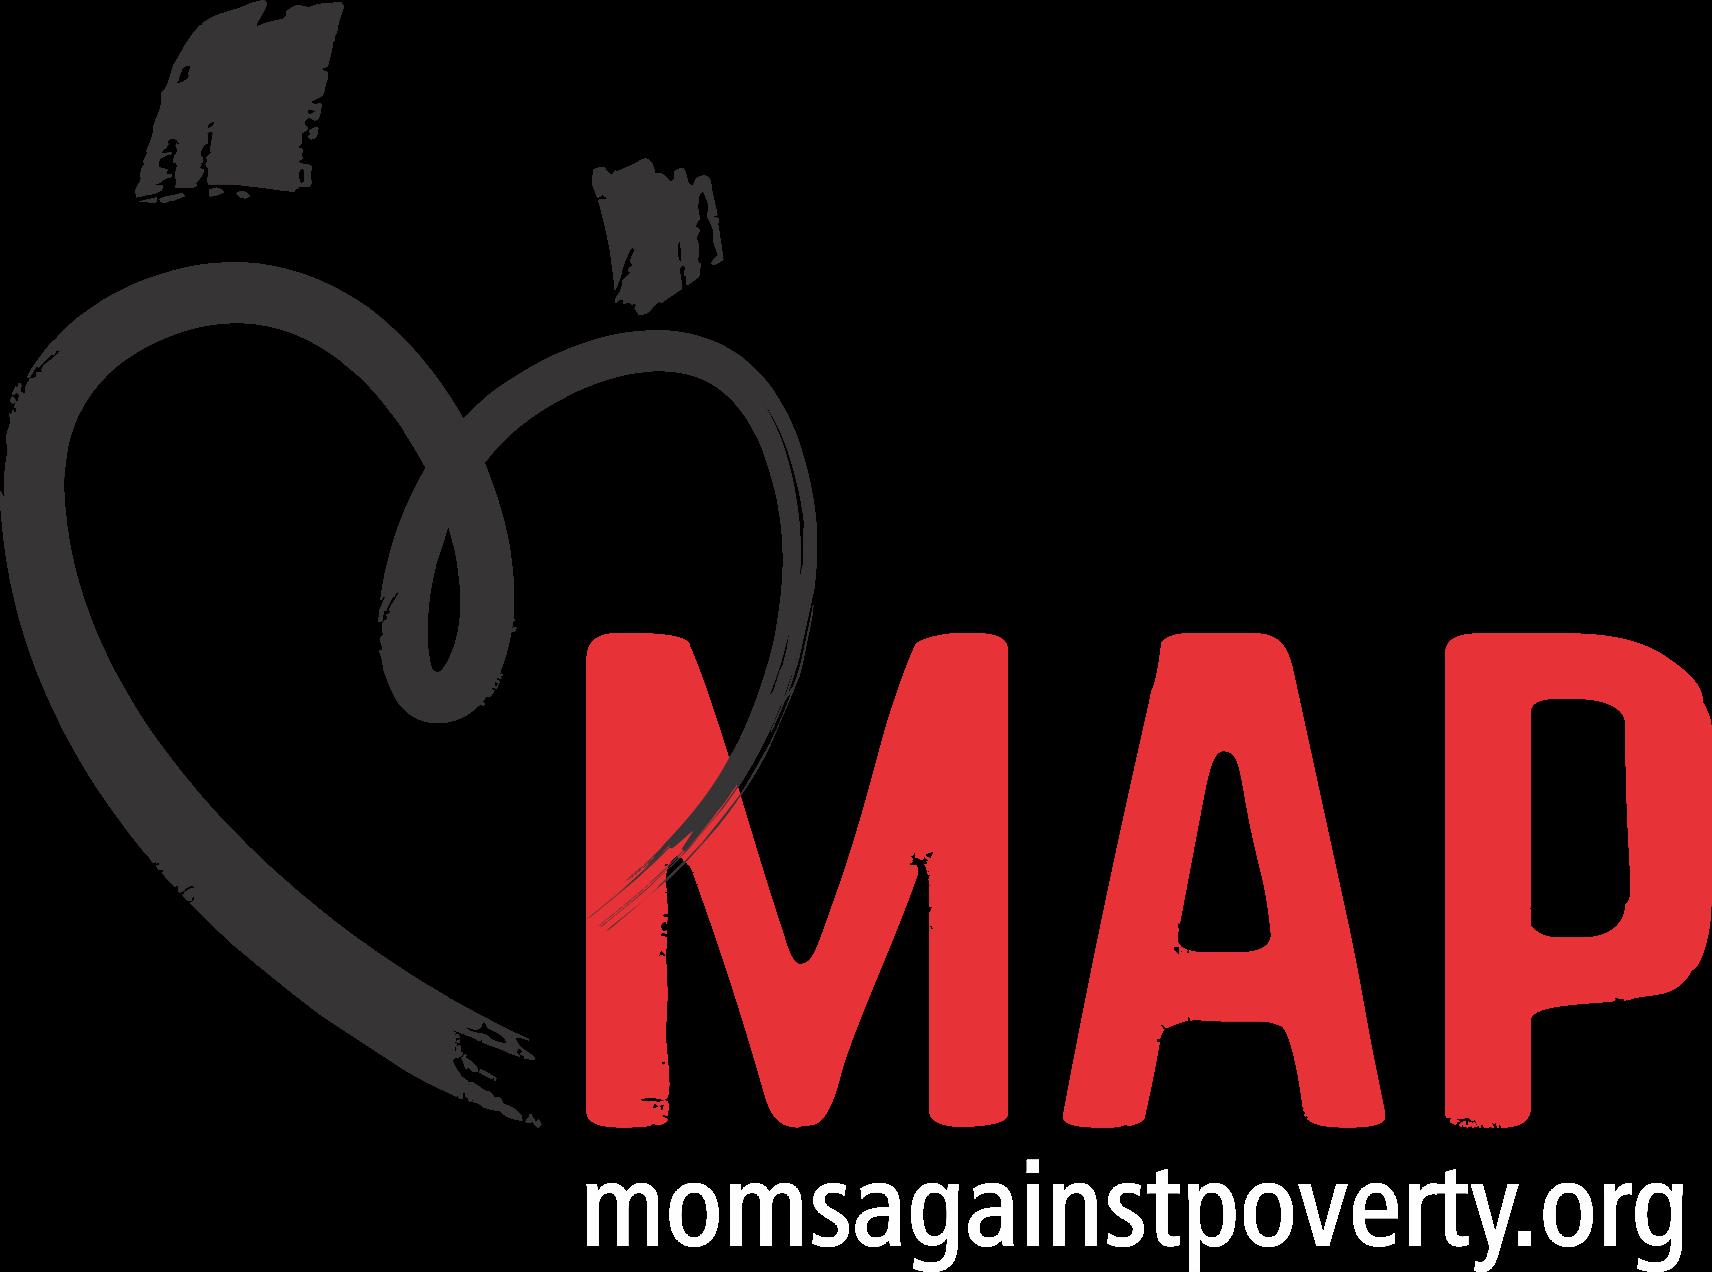 momsagainstpoverty.org